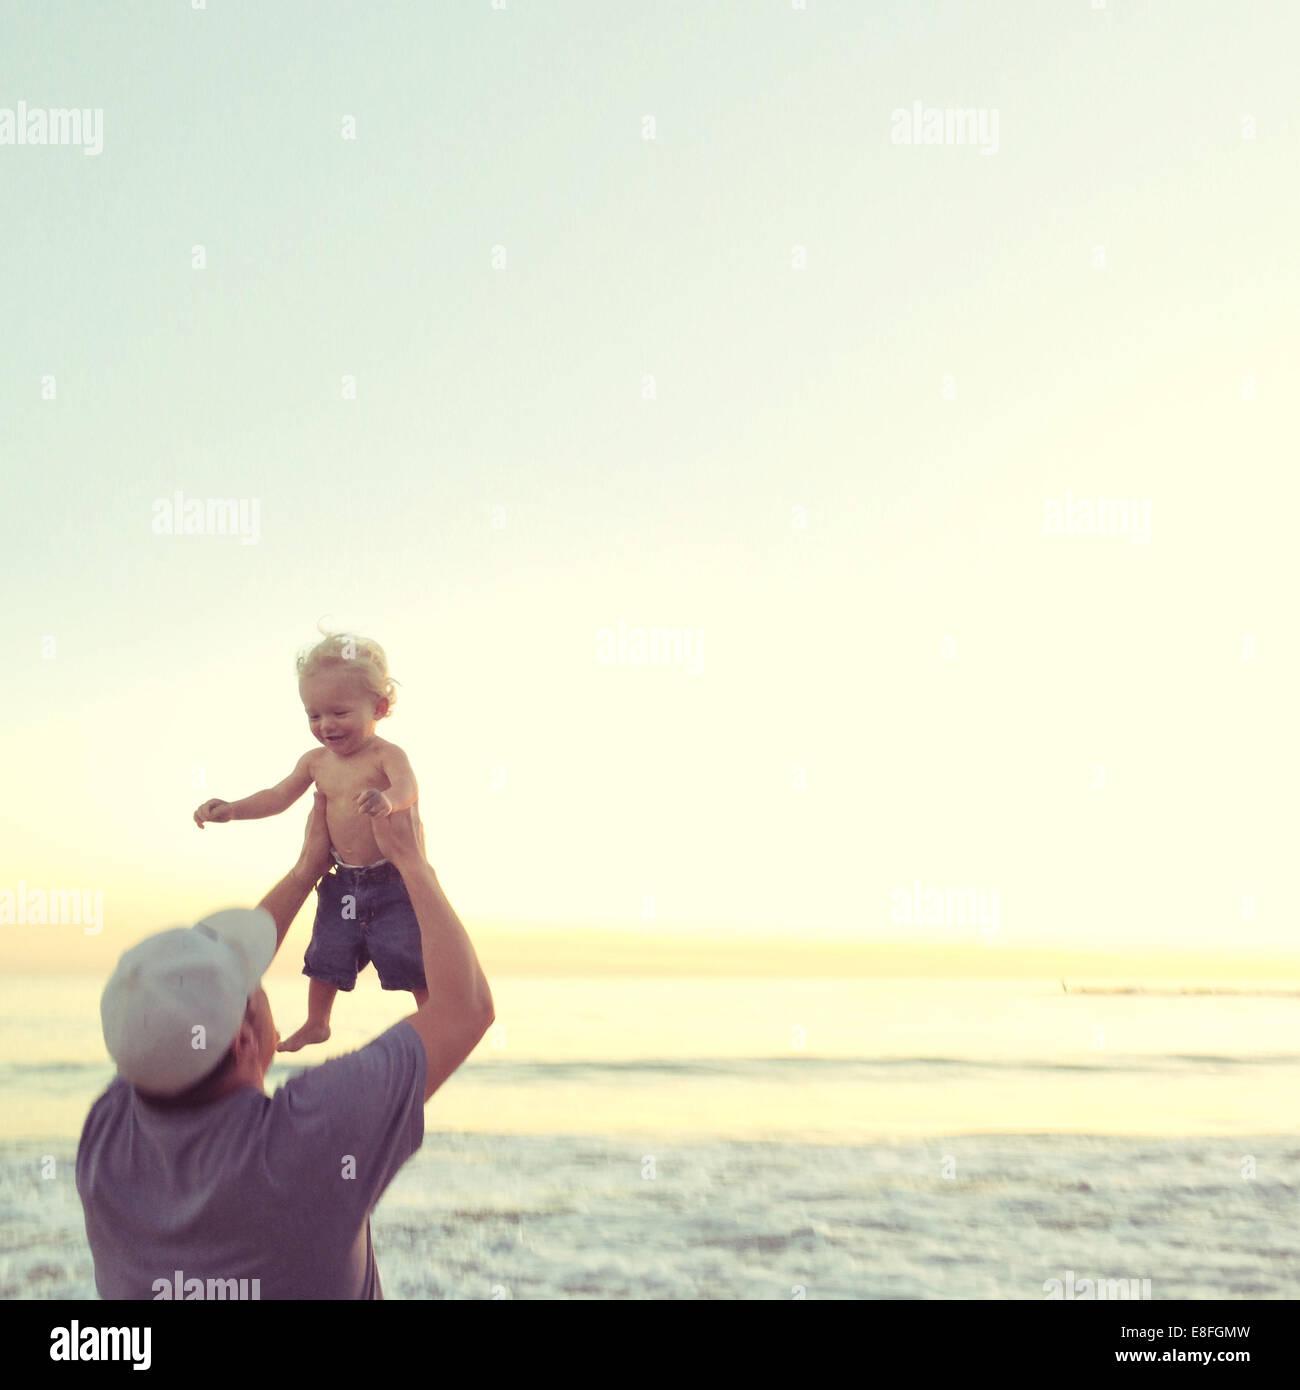 Padre levantando su hijo en el aire en el Beach, California, Estados Unidos, EE.UU. Imagen De Stock